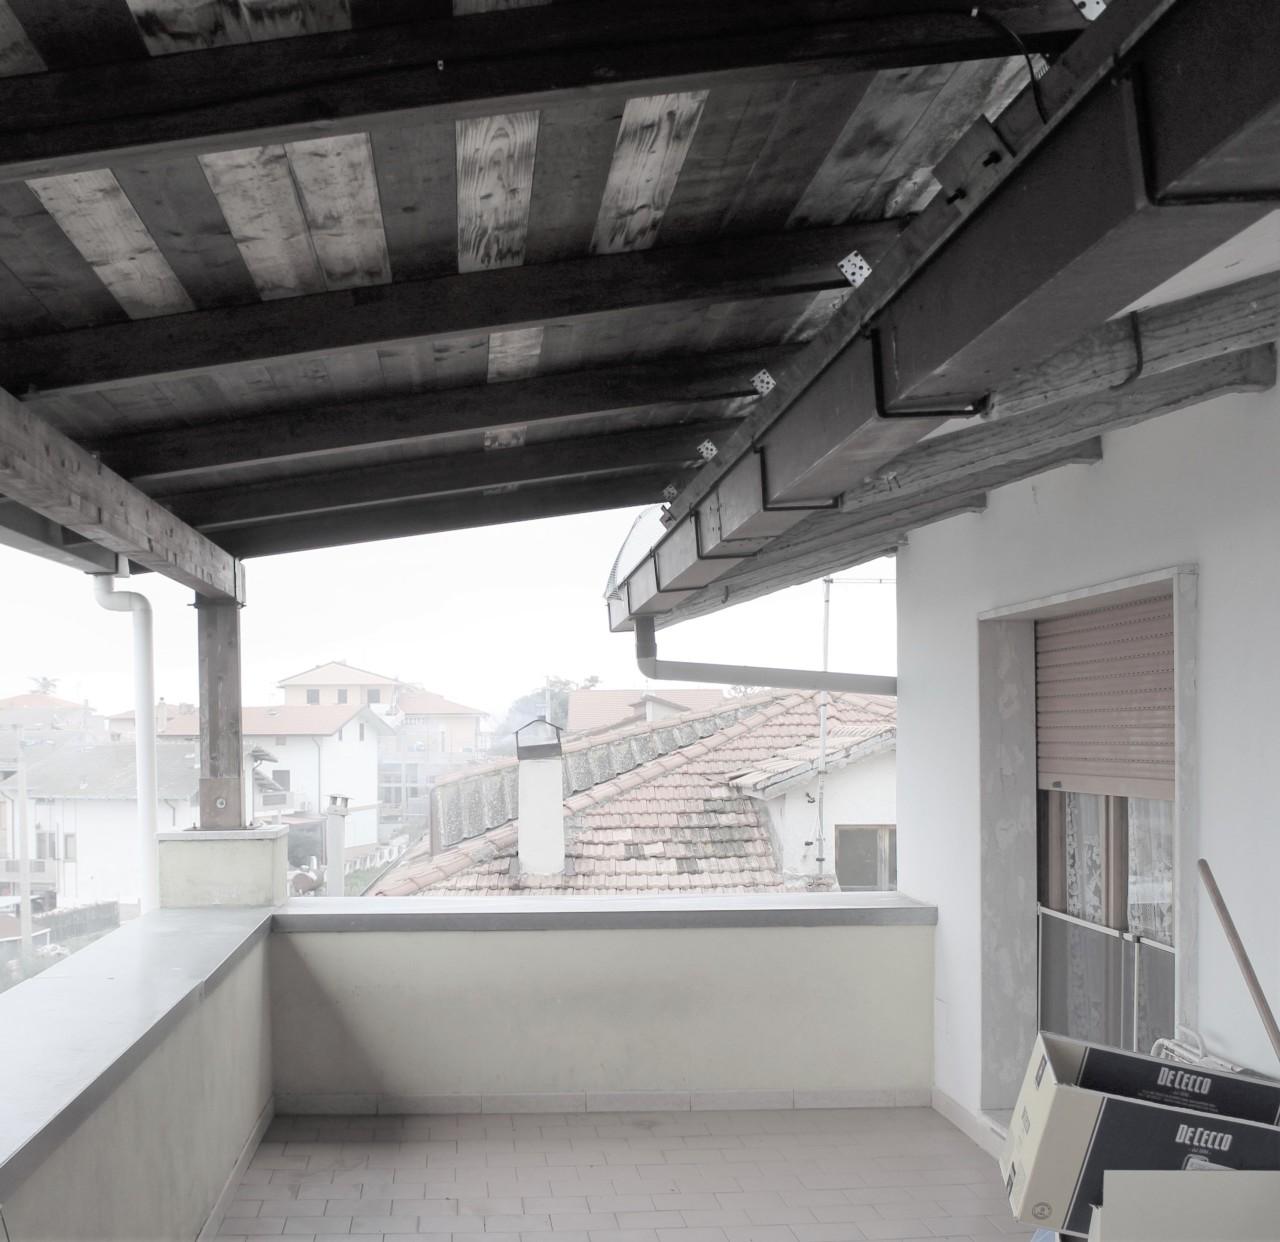 Attico / Mansarda in vendita a Paglieta, 3 locali, prezzo € 109.000 | PortaleAgenzieImmobiliari.it